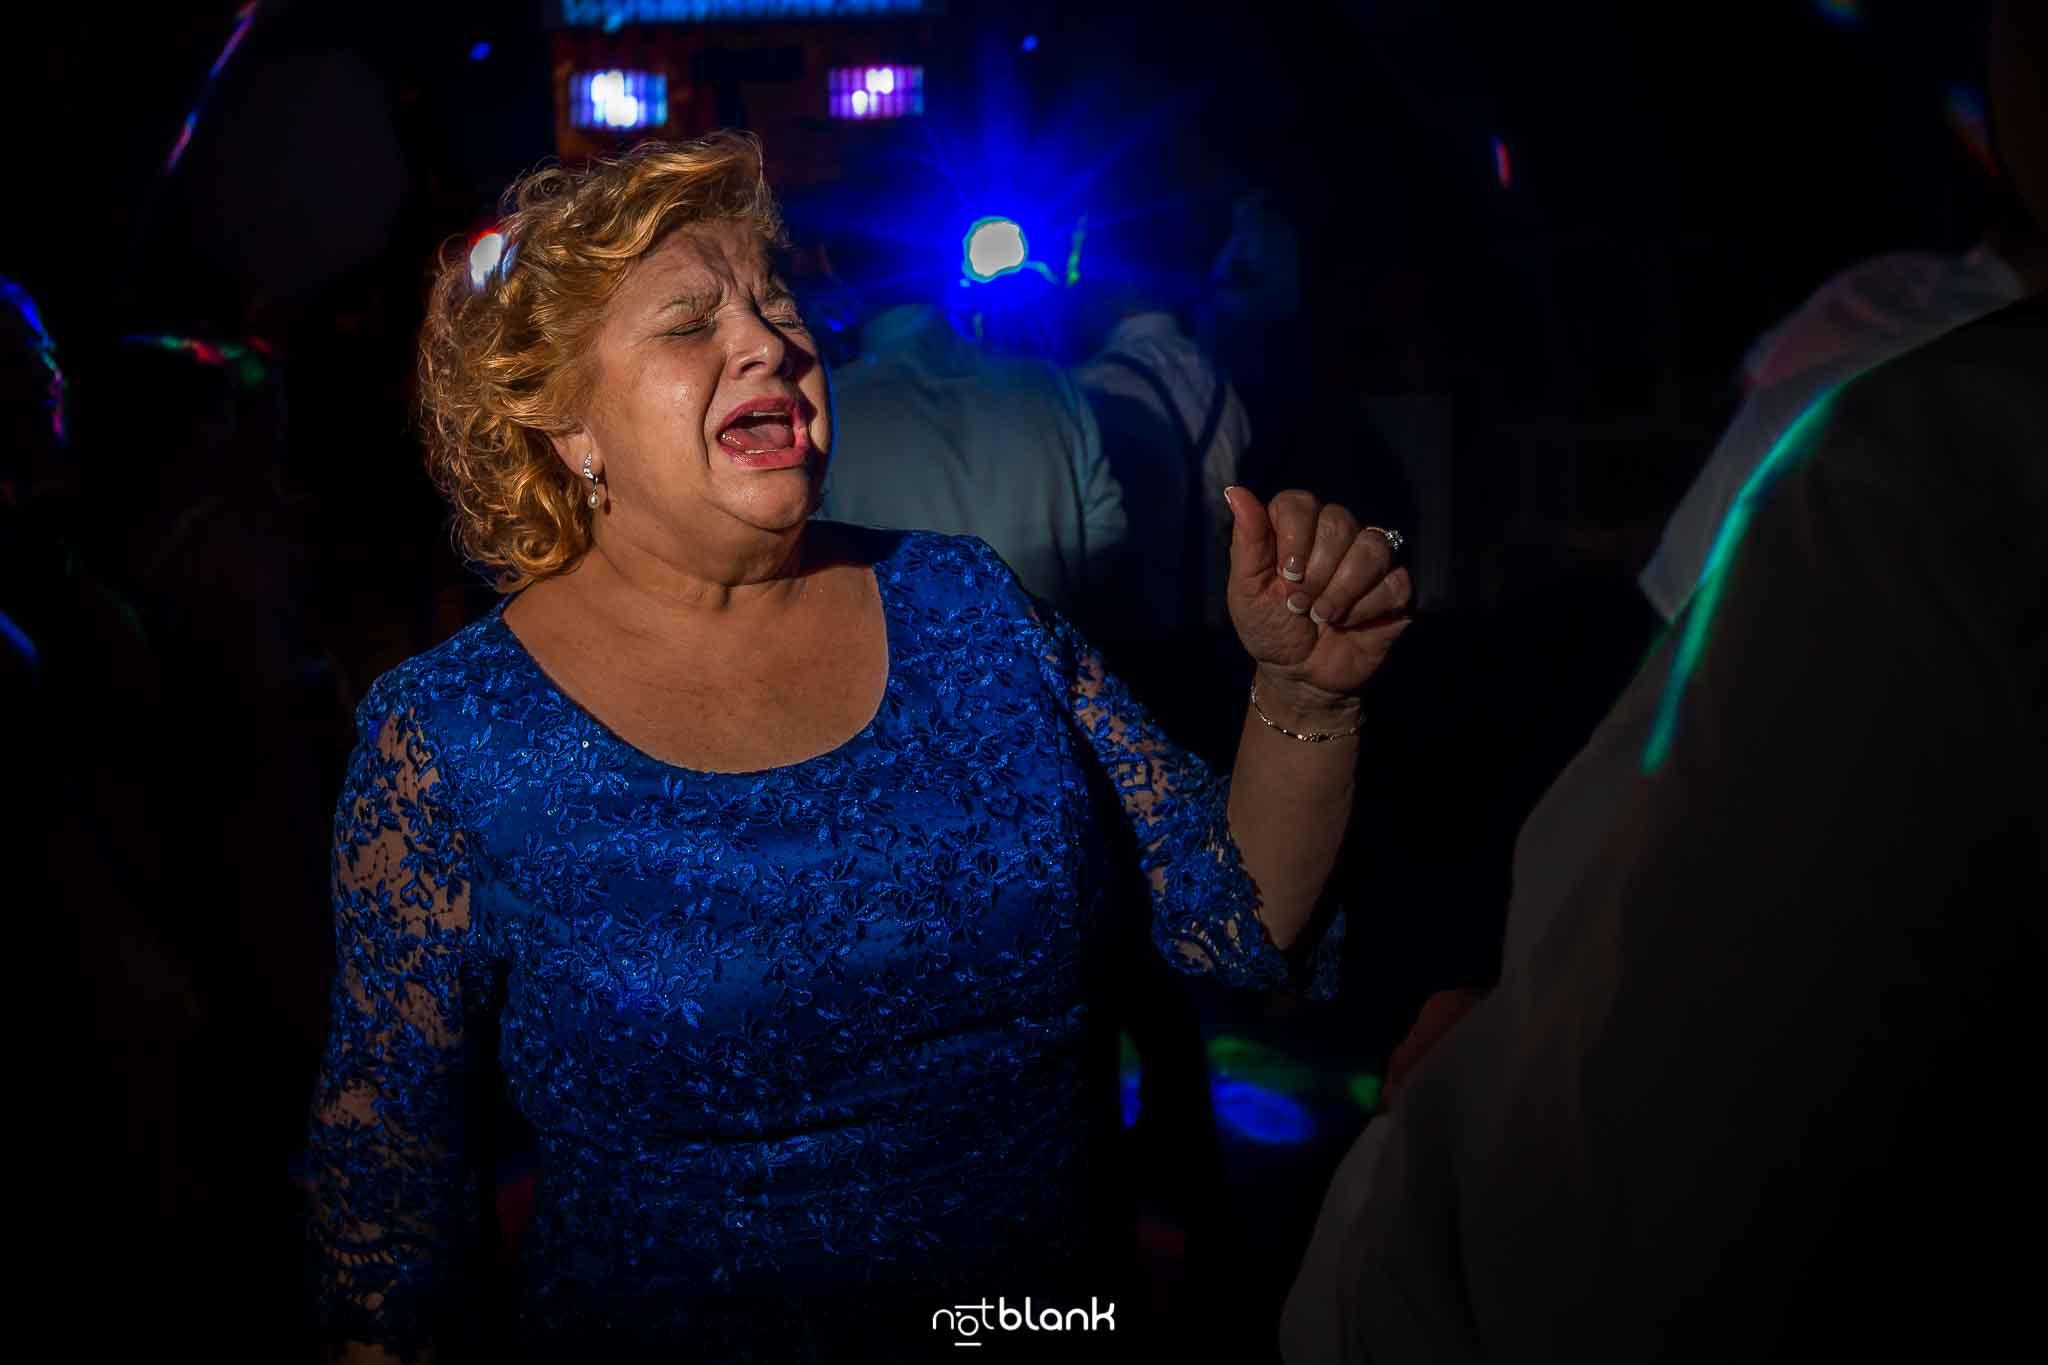 La madre de la novia se divierte en la fiesta